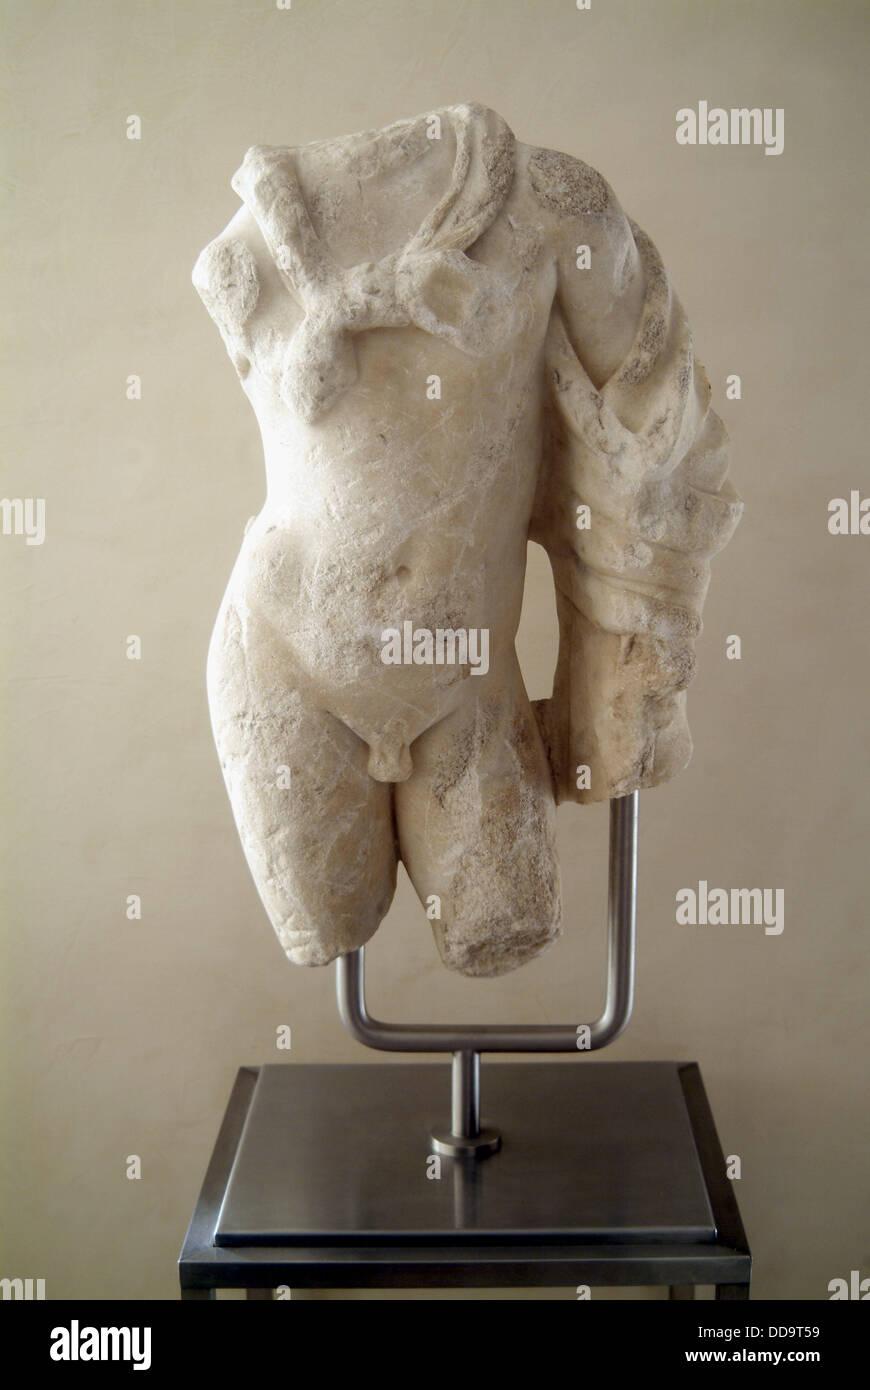 Hércules romano, colección privada. Foto de stock